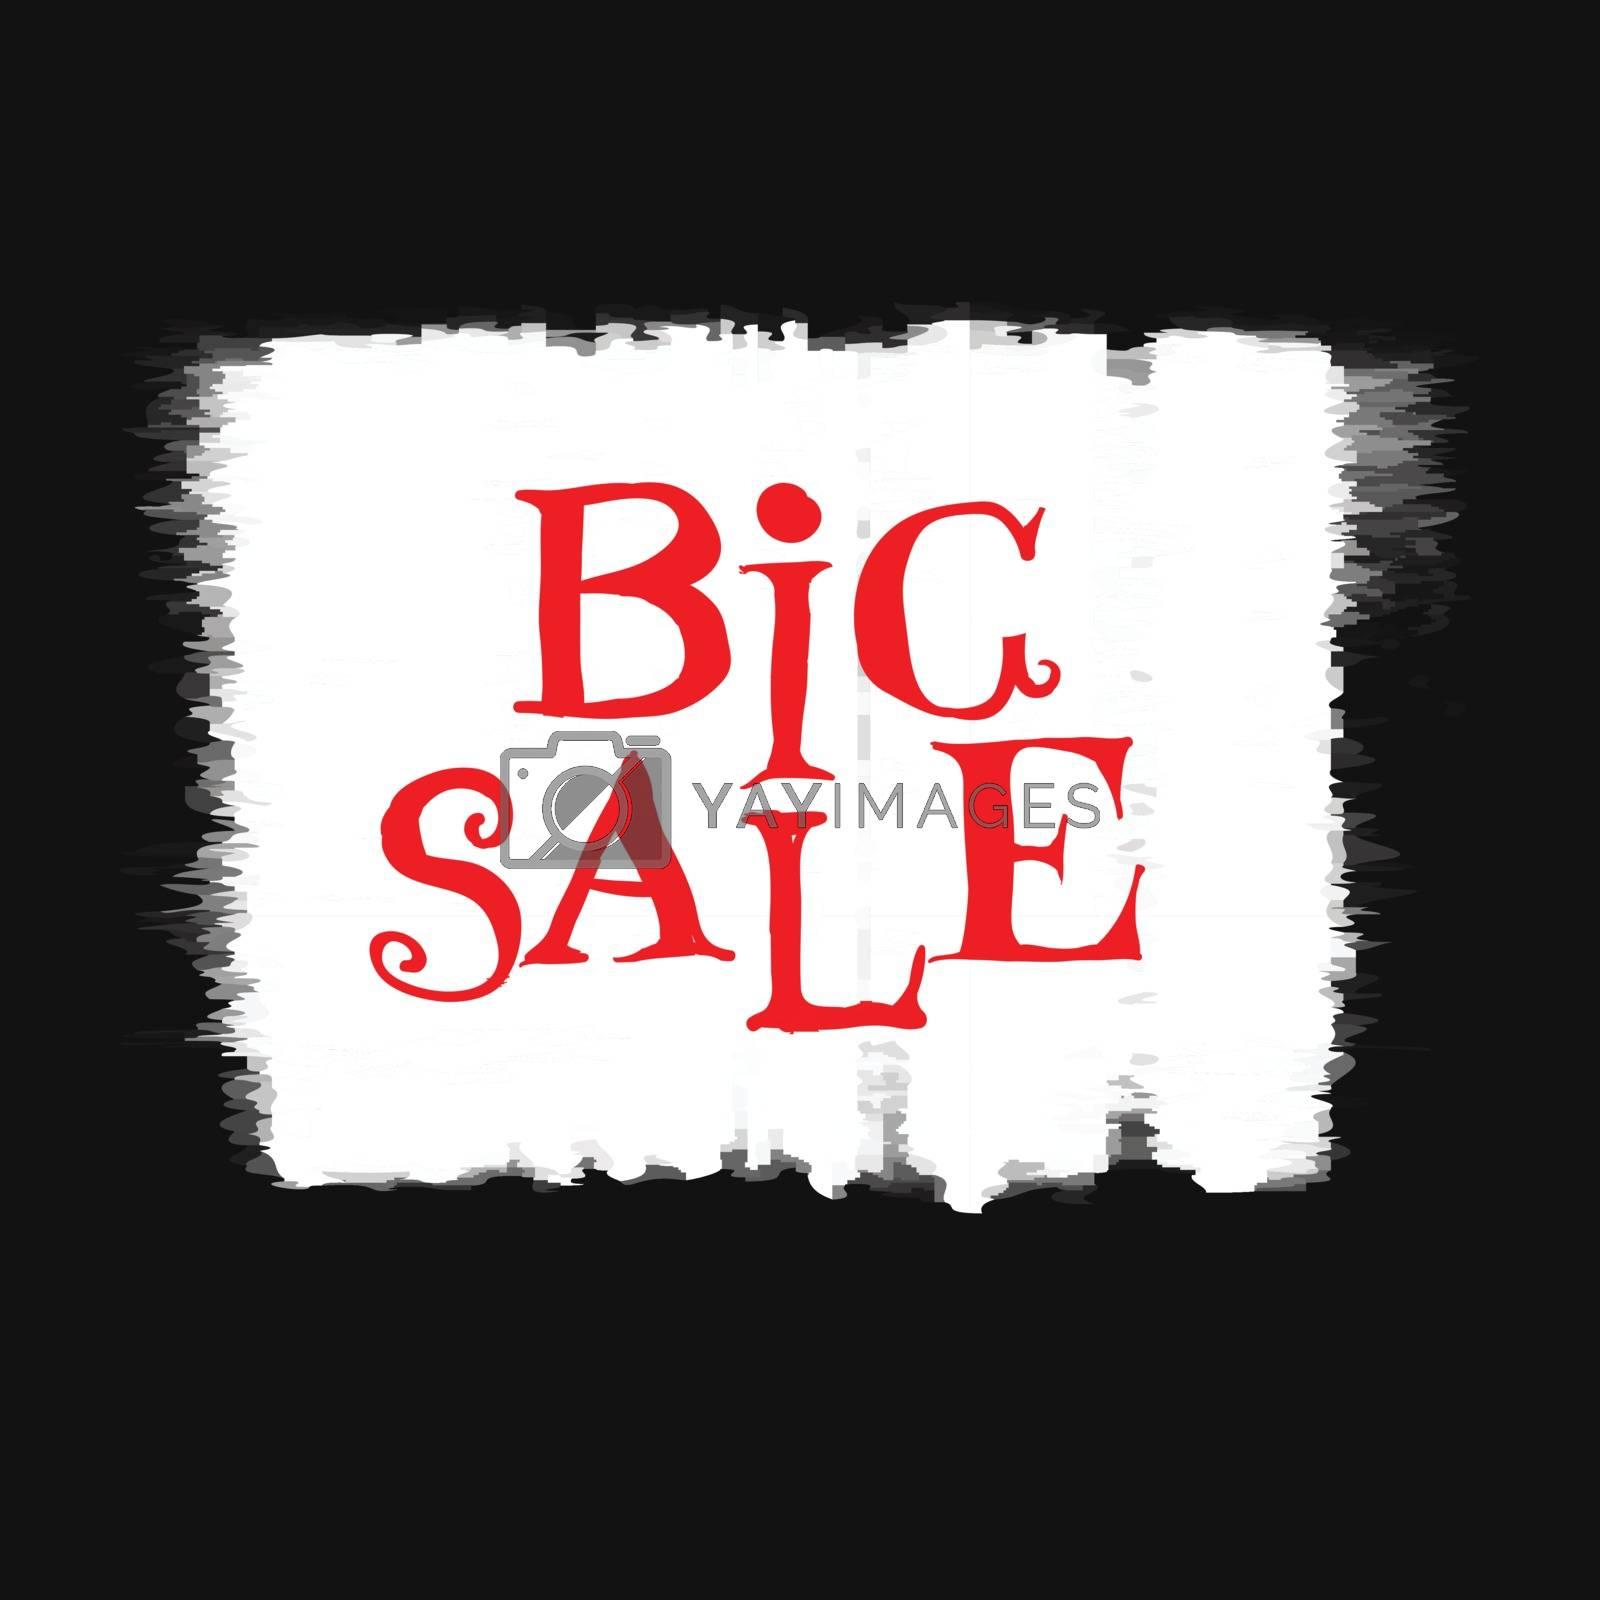 big sale, vector handwritten text by sdmix